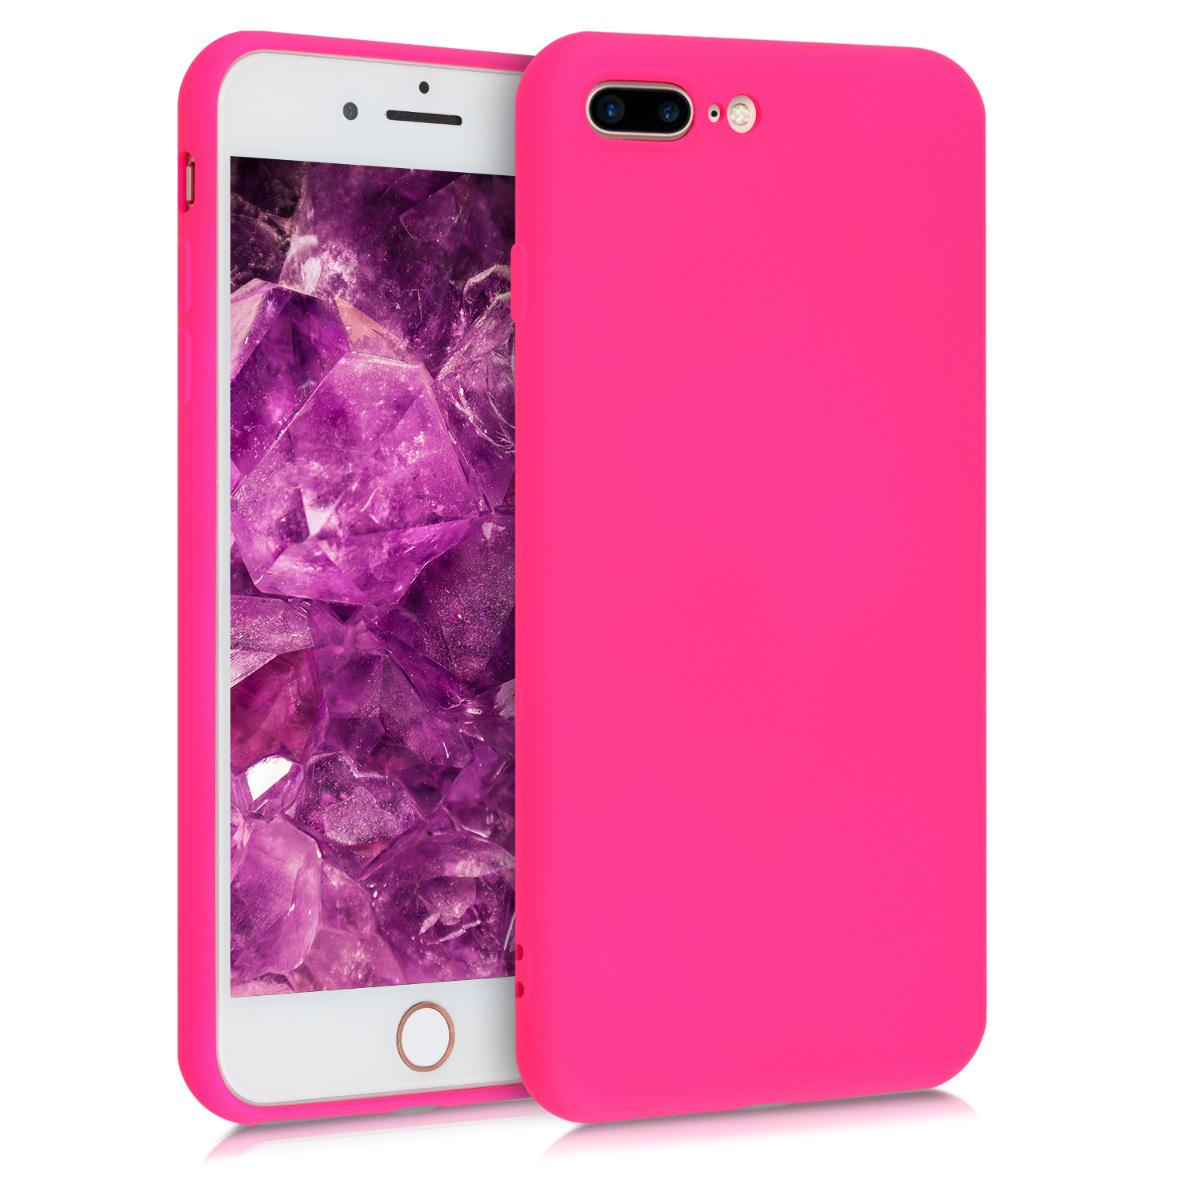 AKCE! Kvalitní silikonové TPU pouzdro pro Apple iPhone 7 Plus / 8  - Neon Pink